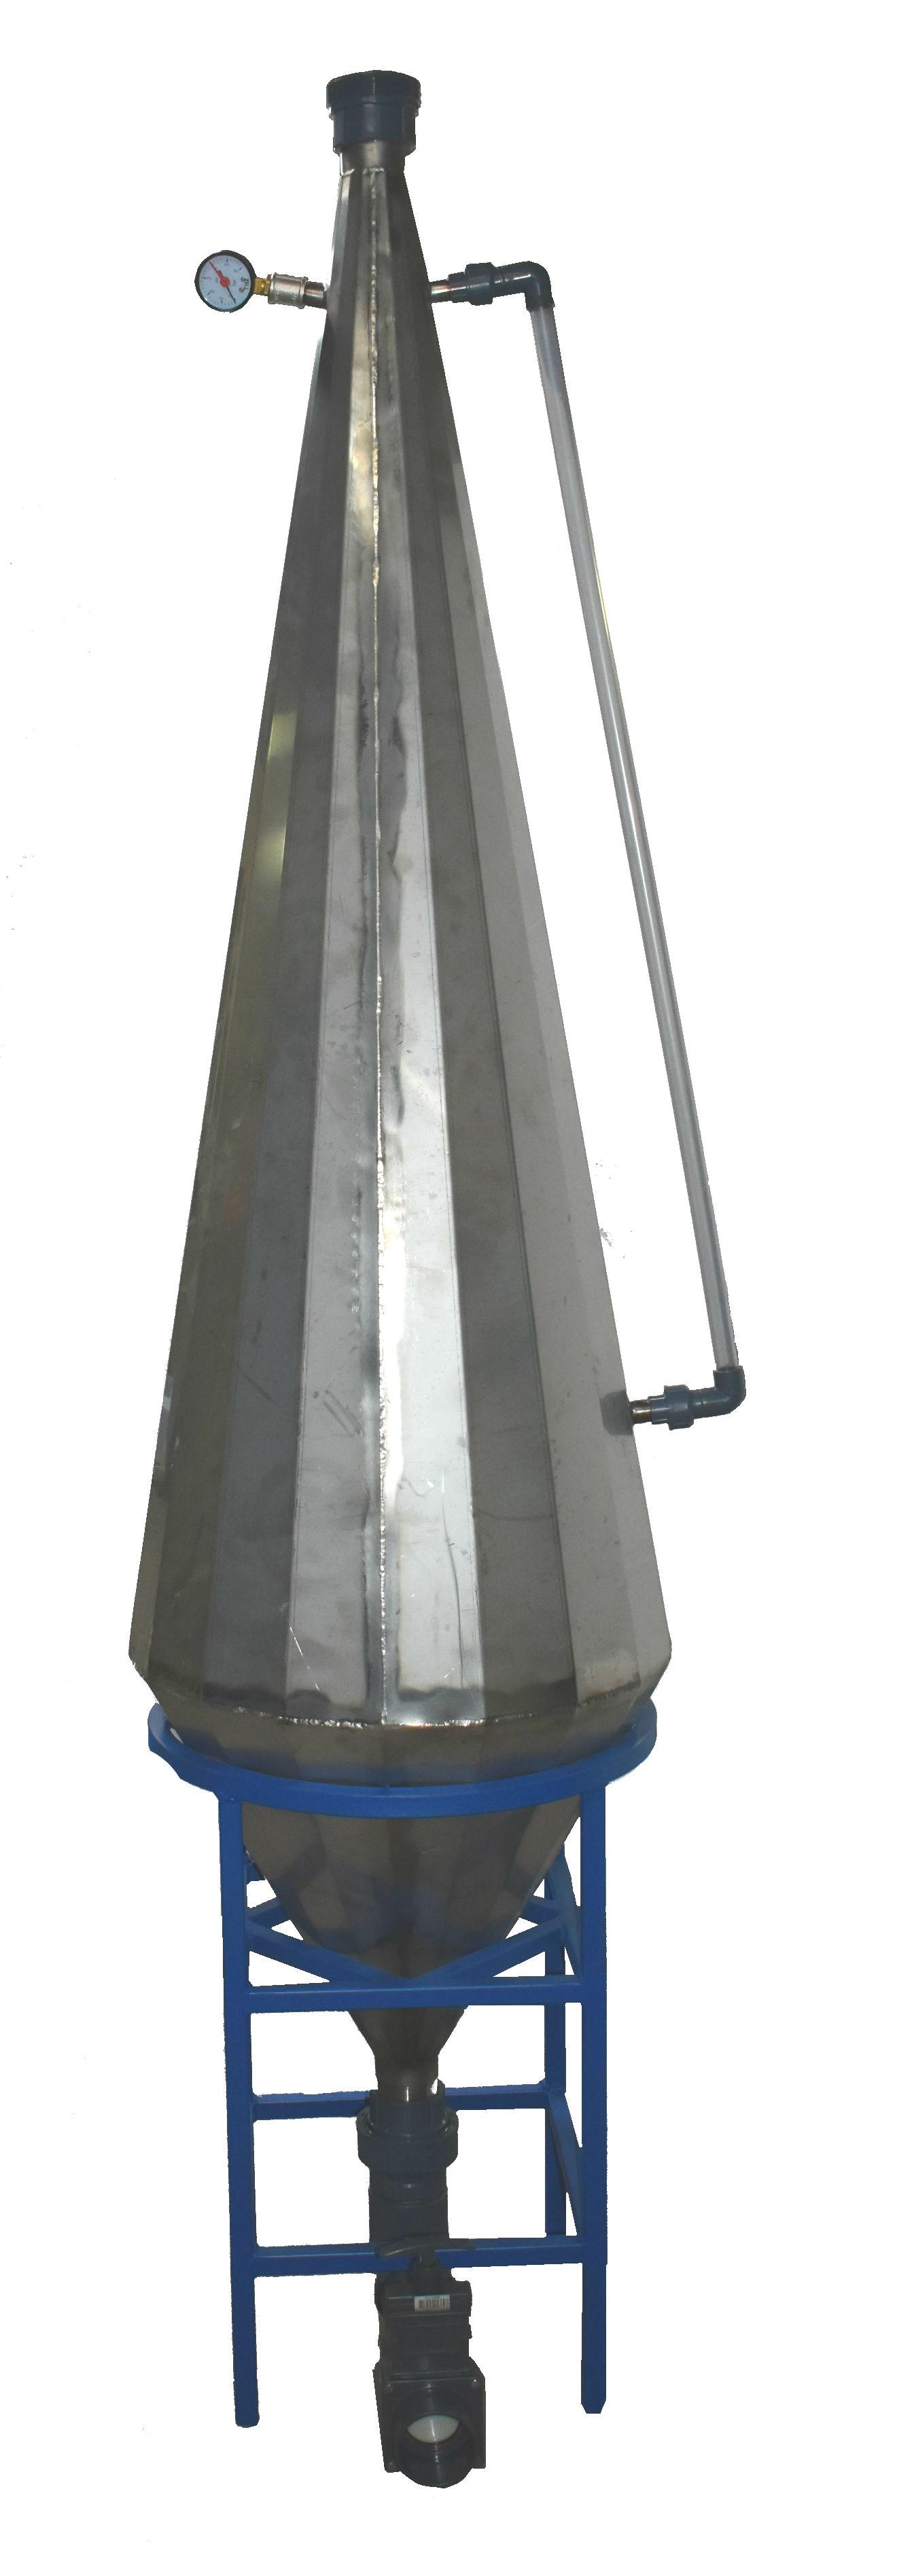 Кислородный конус 70м3/час из нержавеющей стали